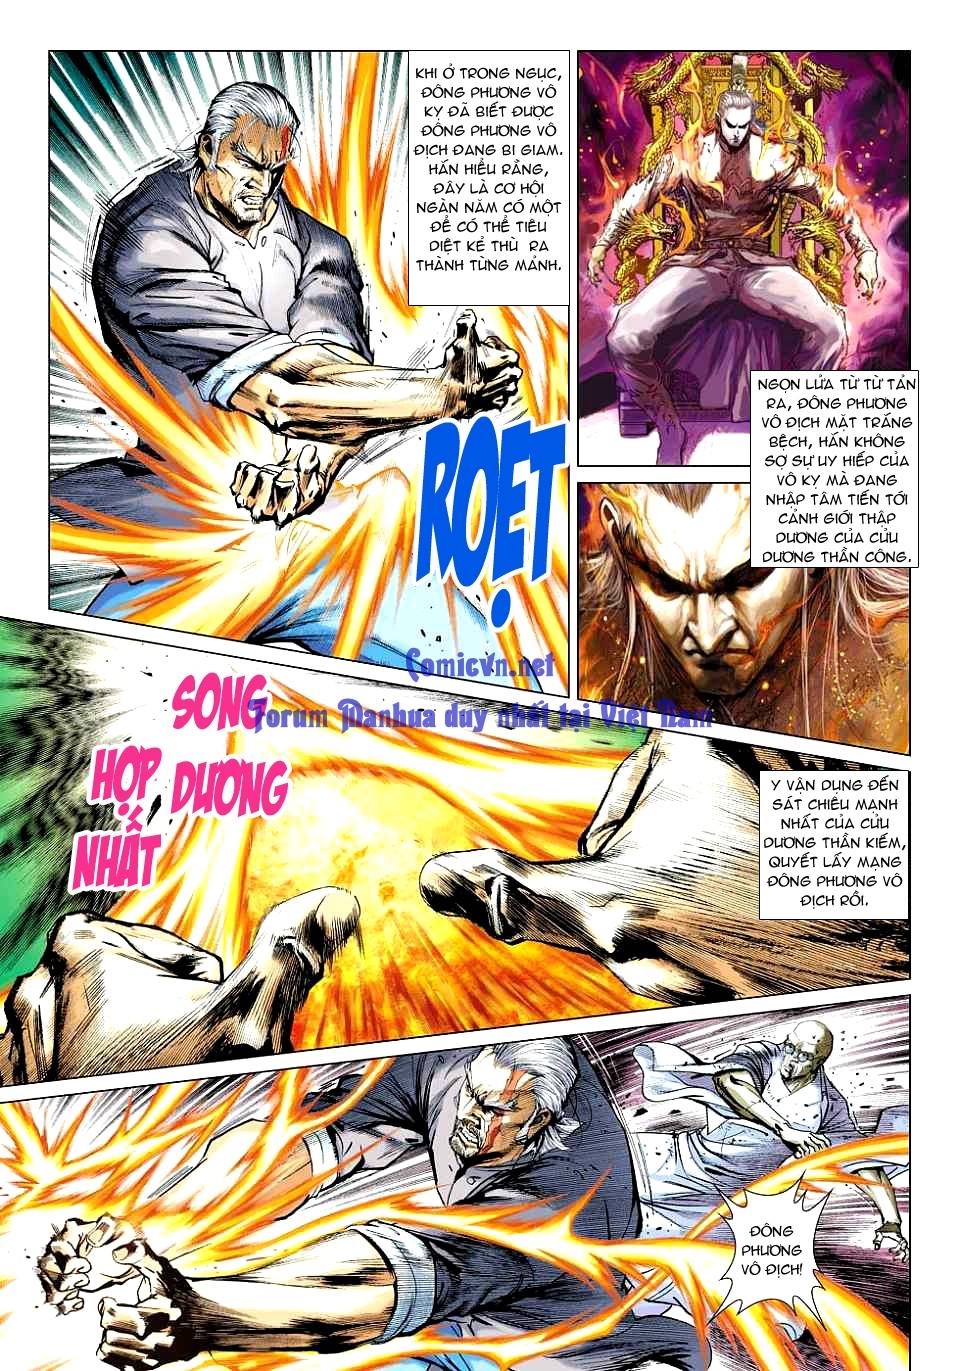 Vương Phong Lôi 1 chap 12 - Trang 9